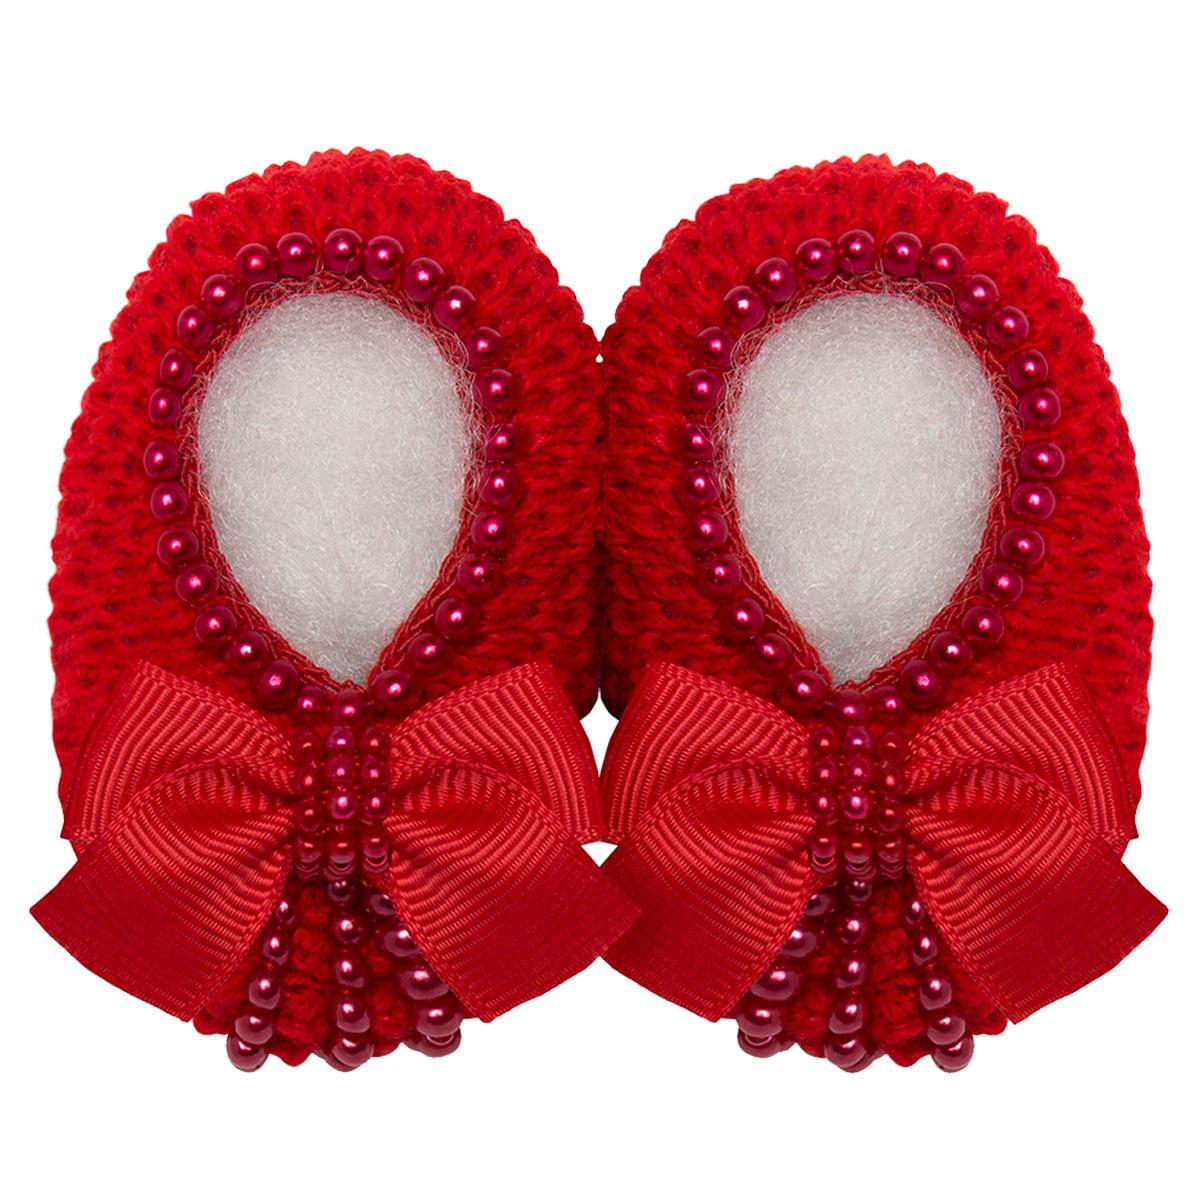 b47c4c42e Sapatinho para bebê em tricot Laço Vermelho - Roana no bebefacil loja de roupas  enxoval e acessorios para bebes - bebefacil